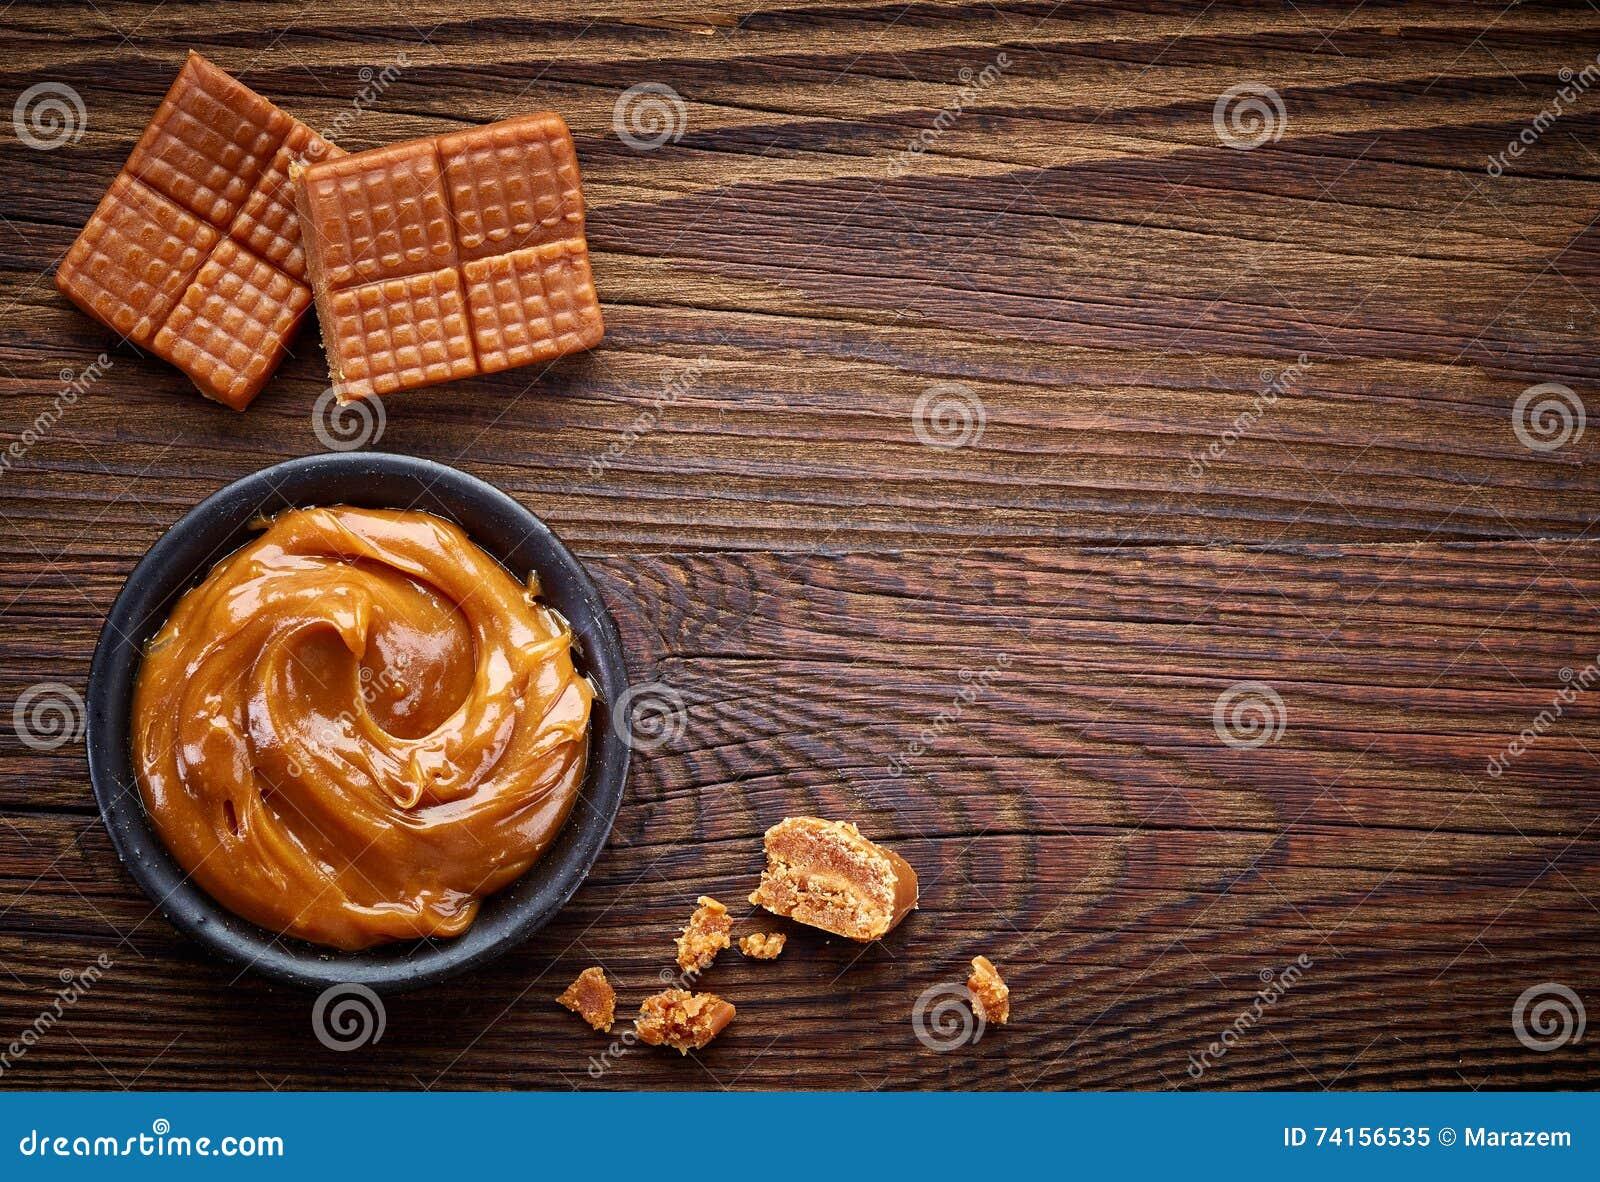 Καραμέλες καραμέλας και γλυκιά σάλτσα